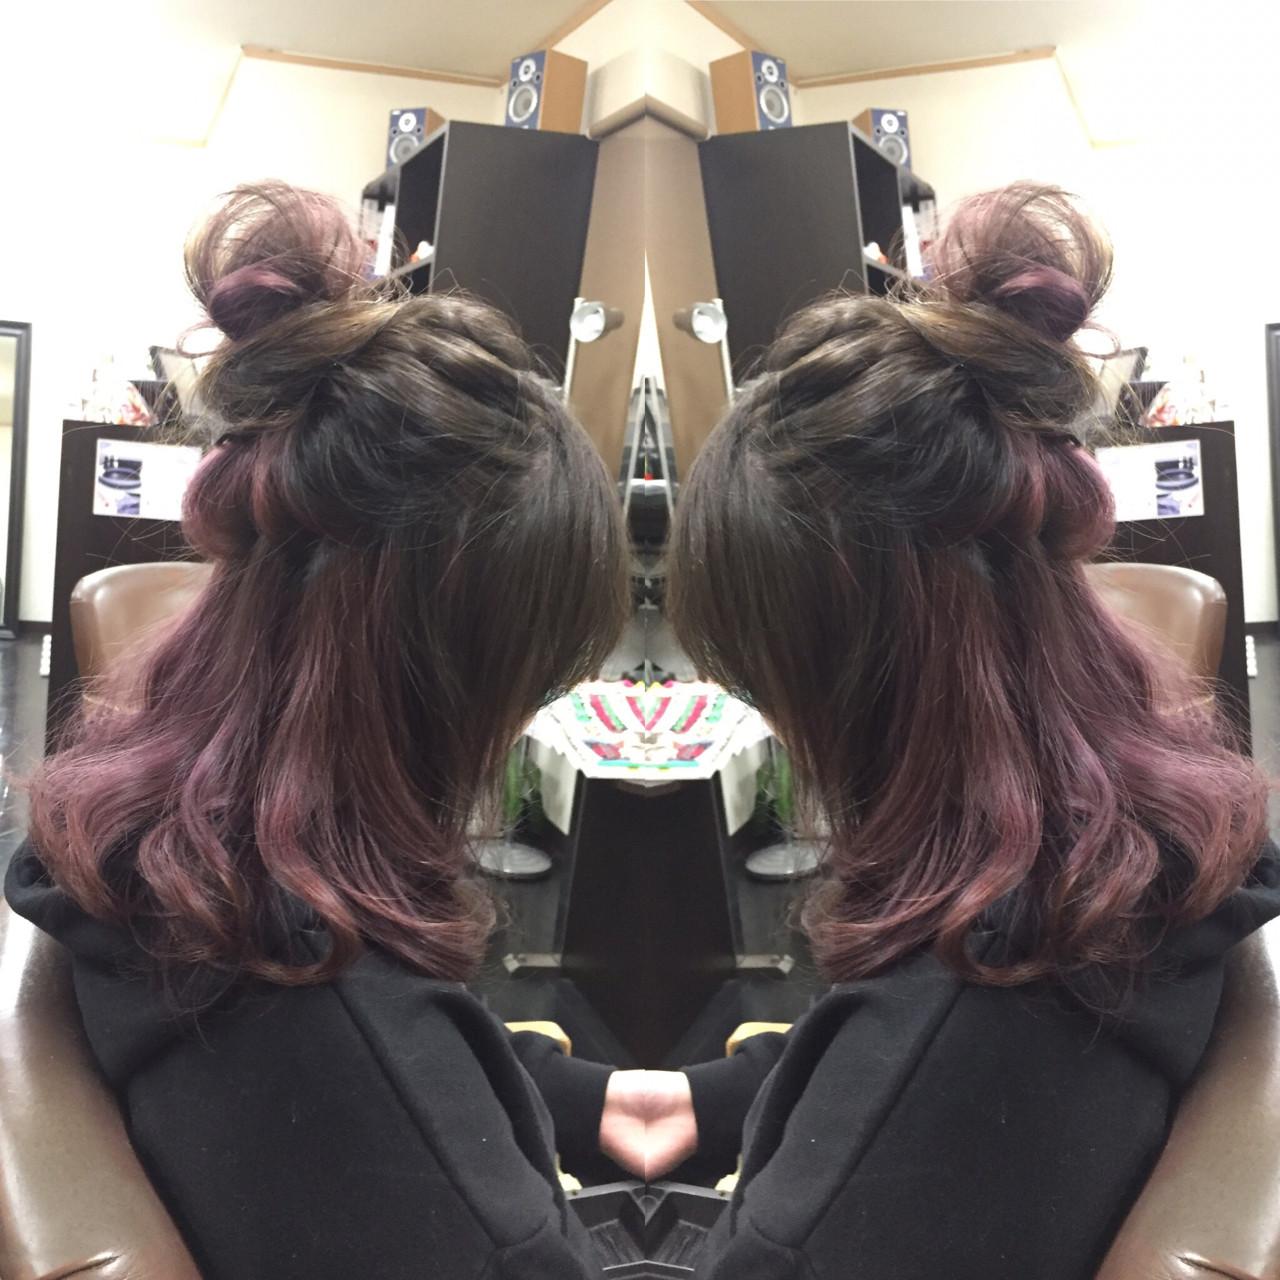 ヘアアレンジ セミロング ハーフアップ 外国人風 ヘアスタイルや髪型の写真・画像 | 佐藤 允美 / Hair Space  ACT  LOCALLY(アクトローカリー)